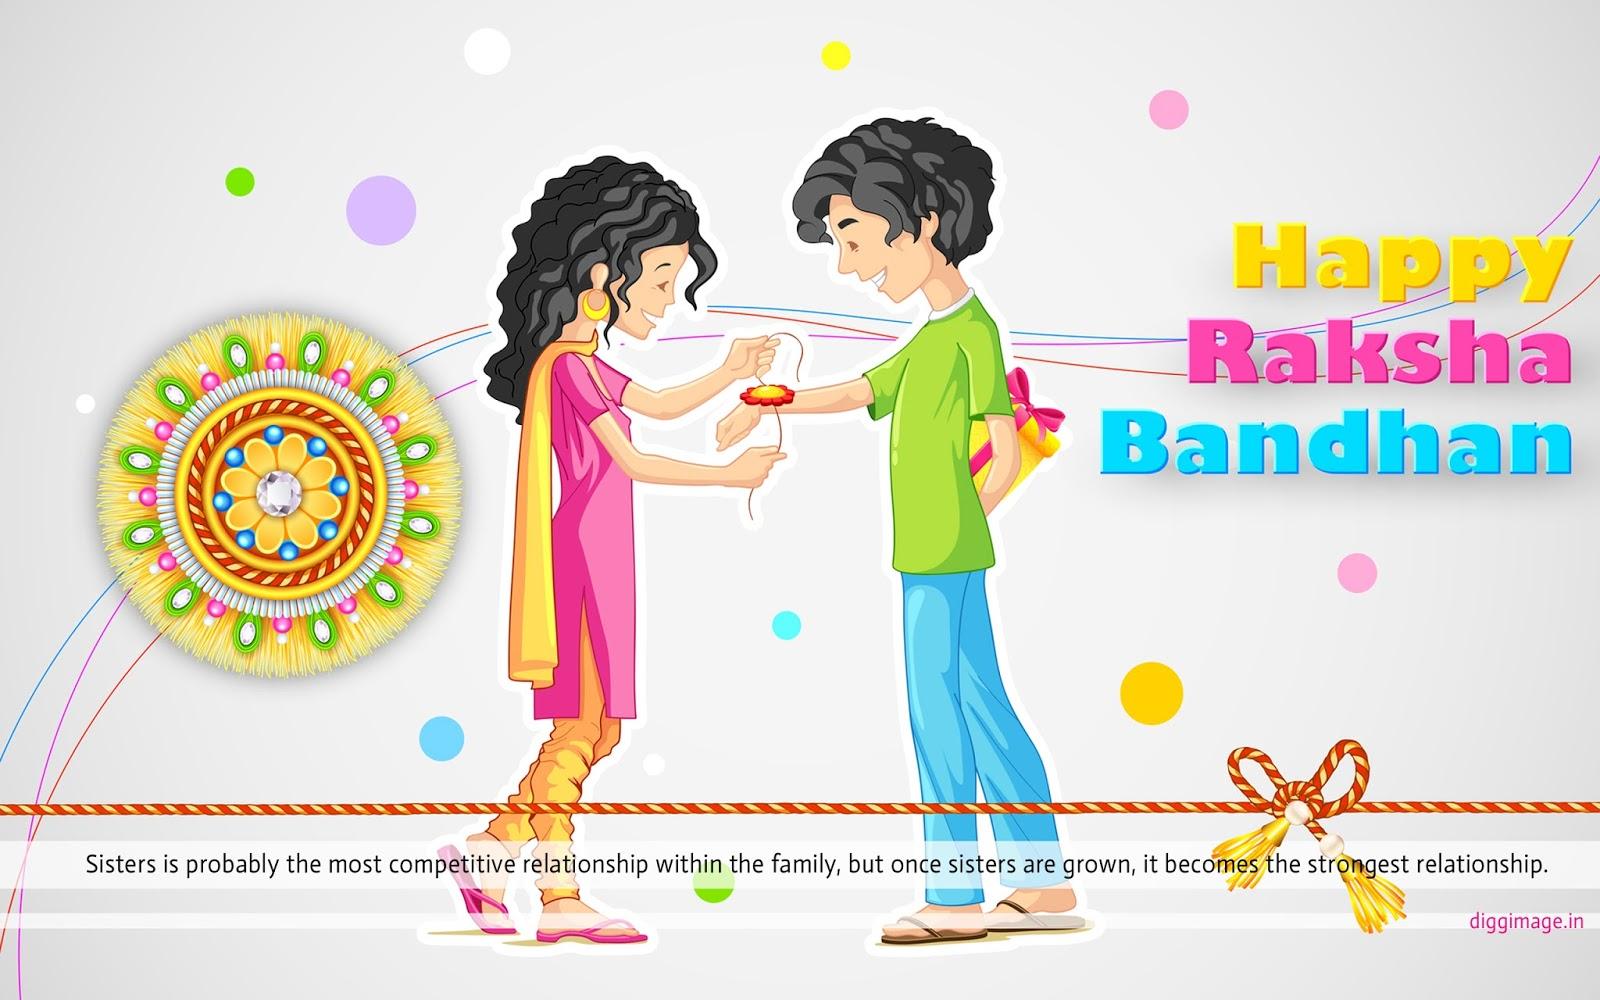 Download rakhi cards for raksha bandhan day and share more rakhi download rakhi cards for raksha bandhan day and share more rakhi greeting cards kristyandbryce Choice Image